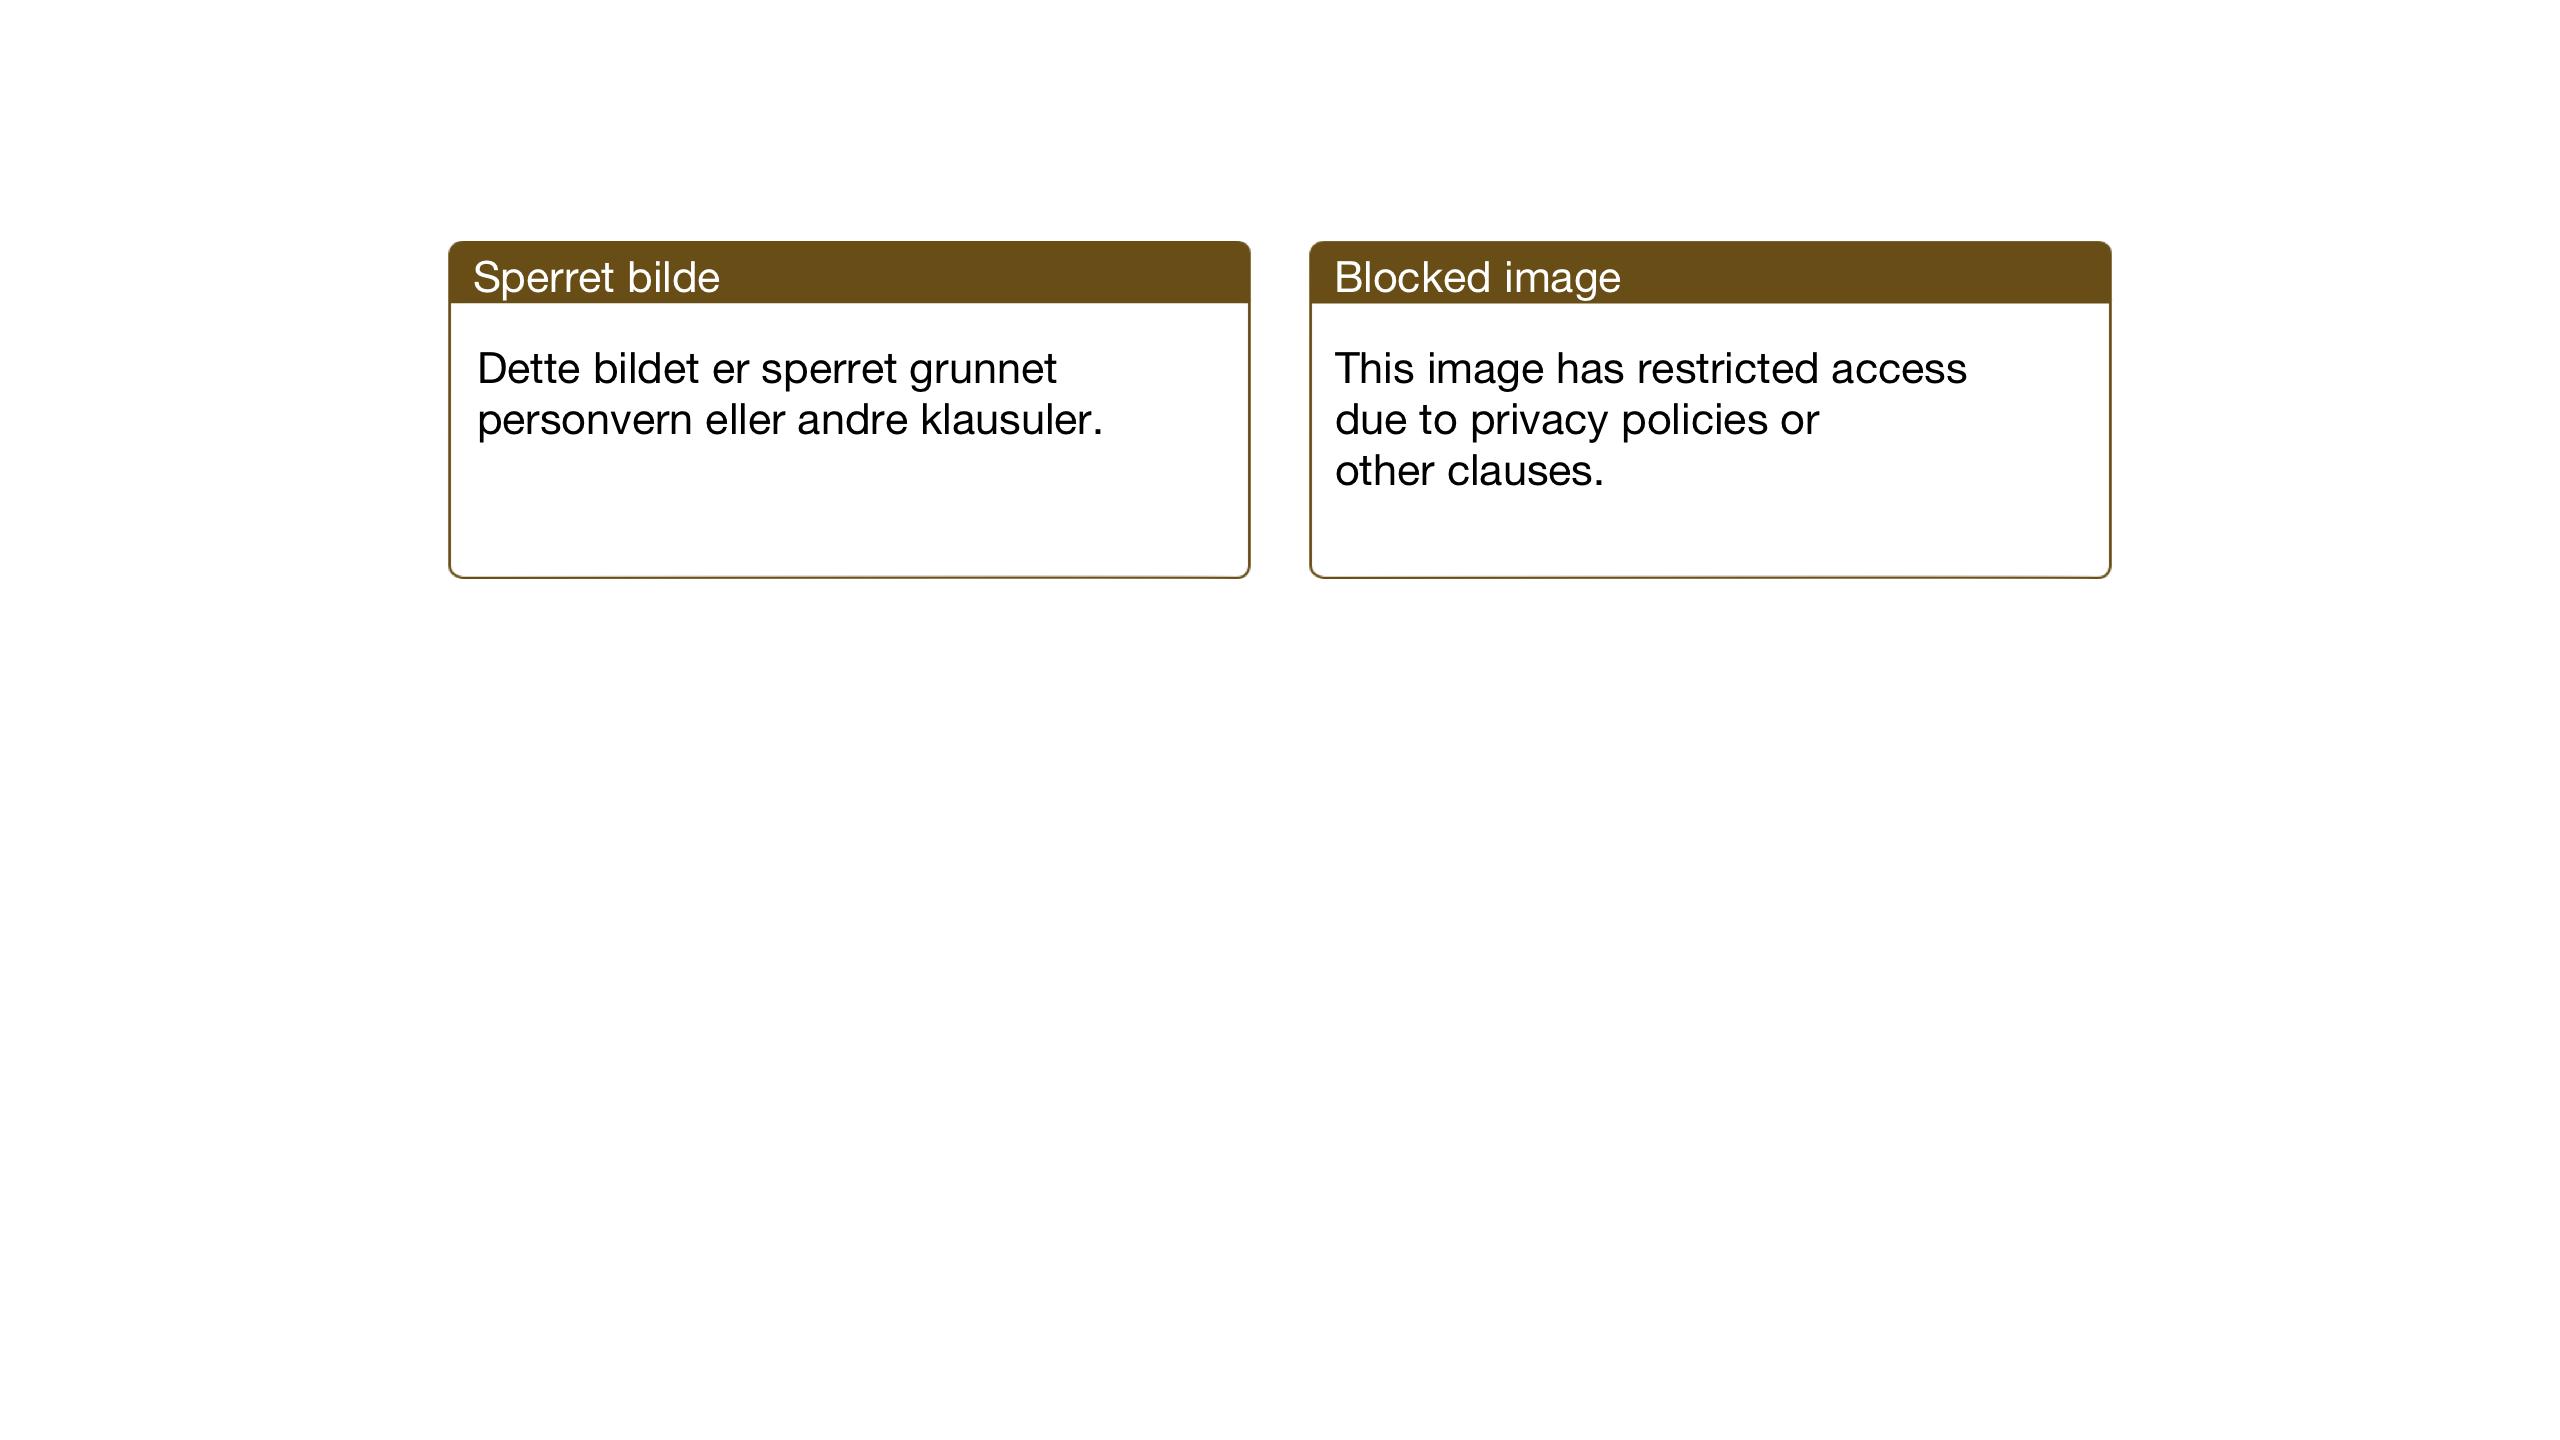 SAT, Ministerialprotokoller, klokkerbøker og fødselsregistre - Nord-Trøndelag, 755/L0500: Klokkerbok nr. 755C01, 1920-1962, s. 69